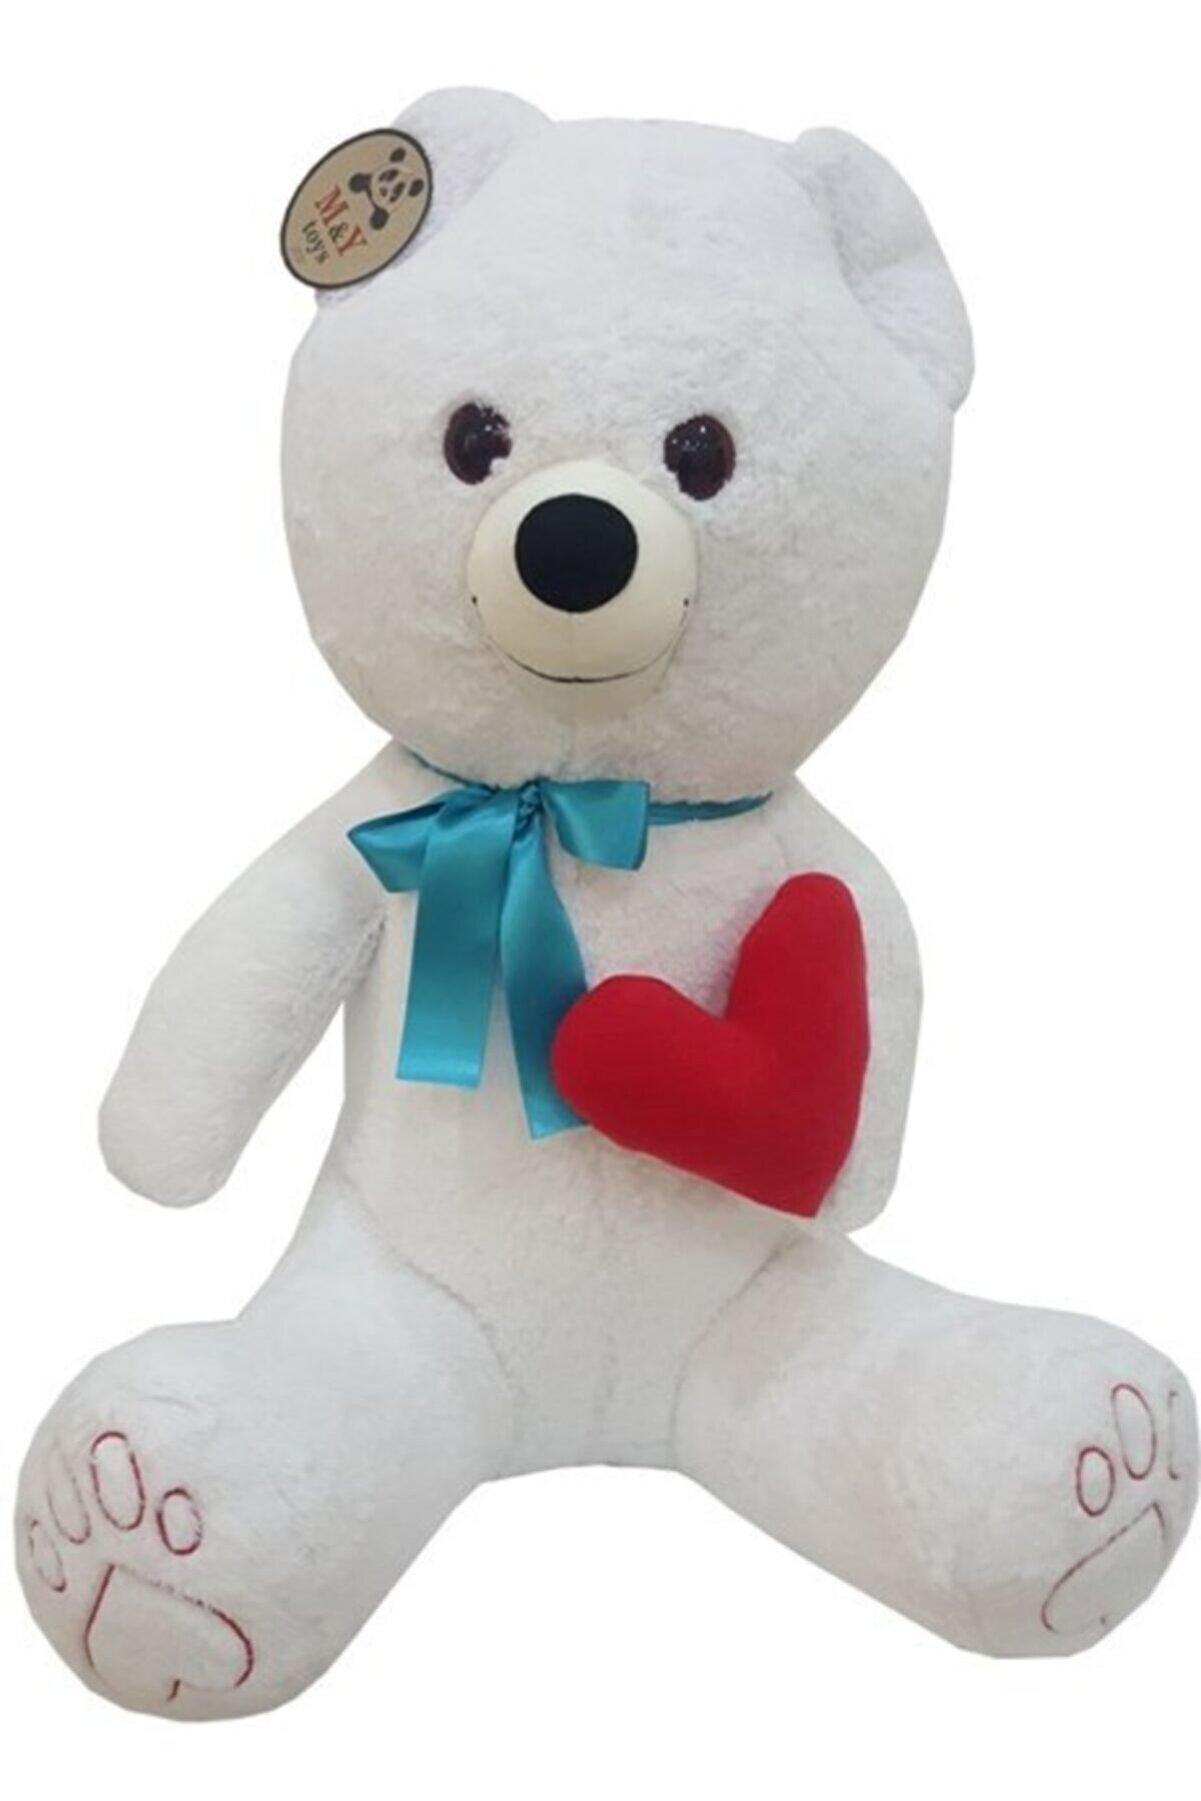 MY toys Oturan Kalpli Ayı 75 cm